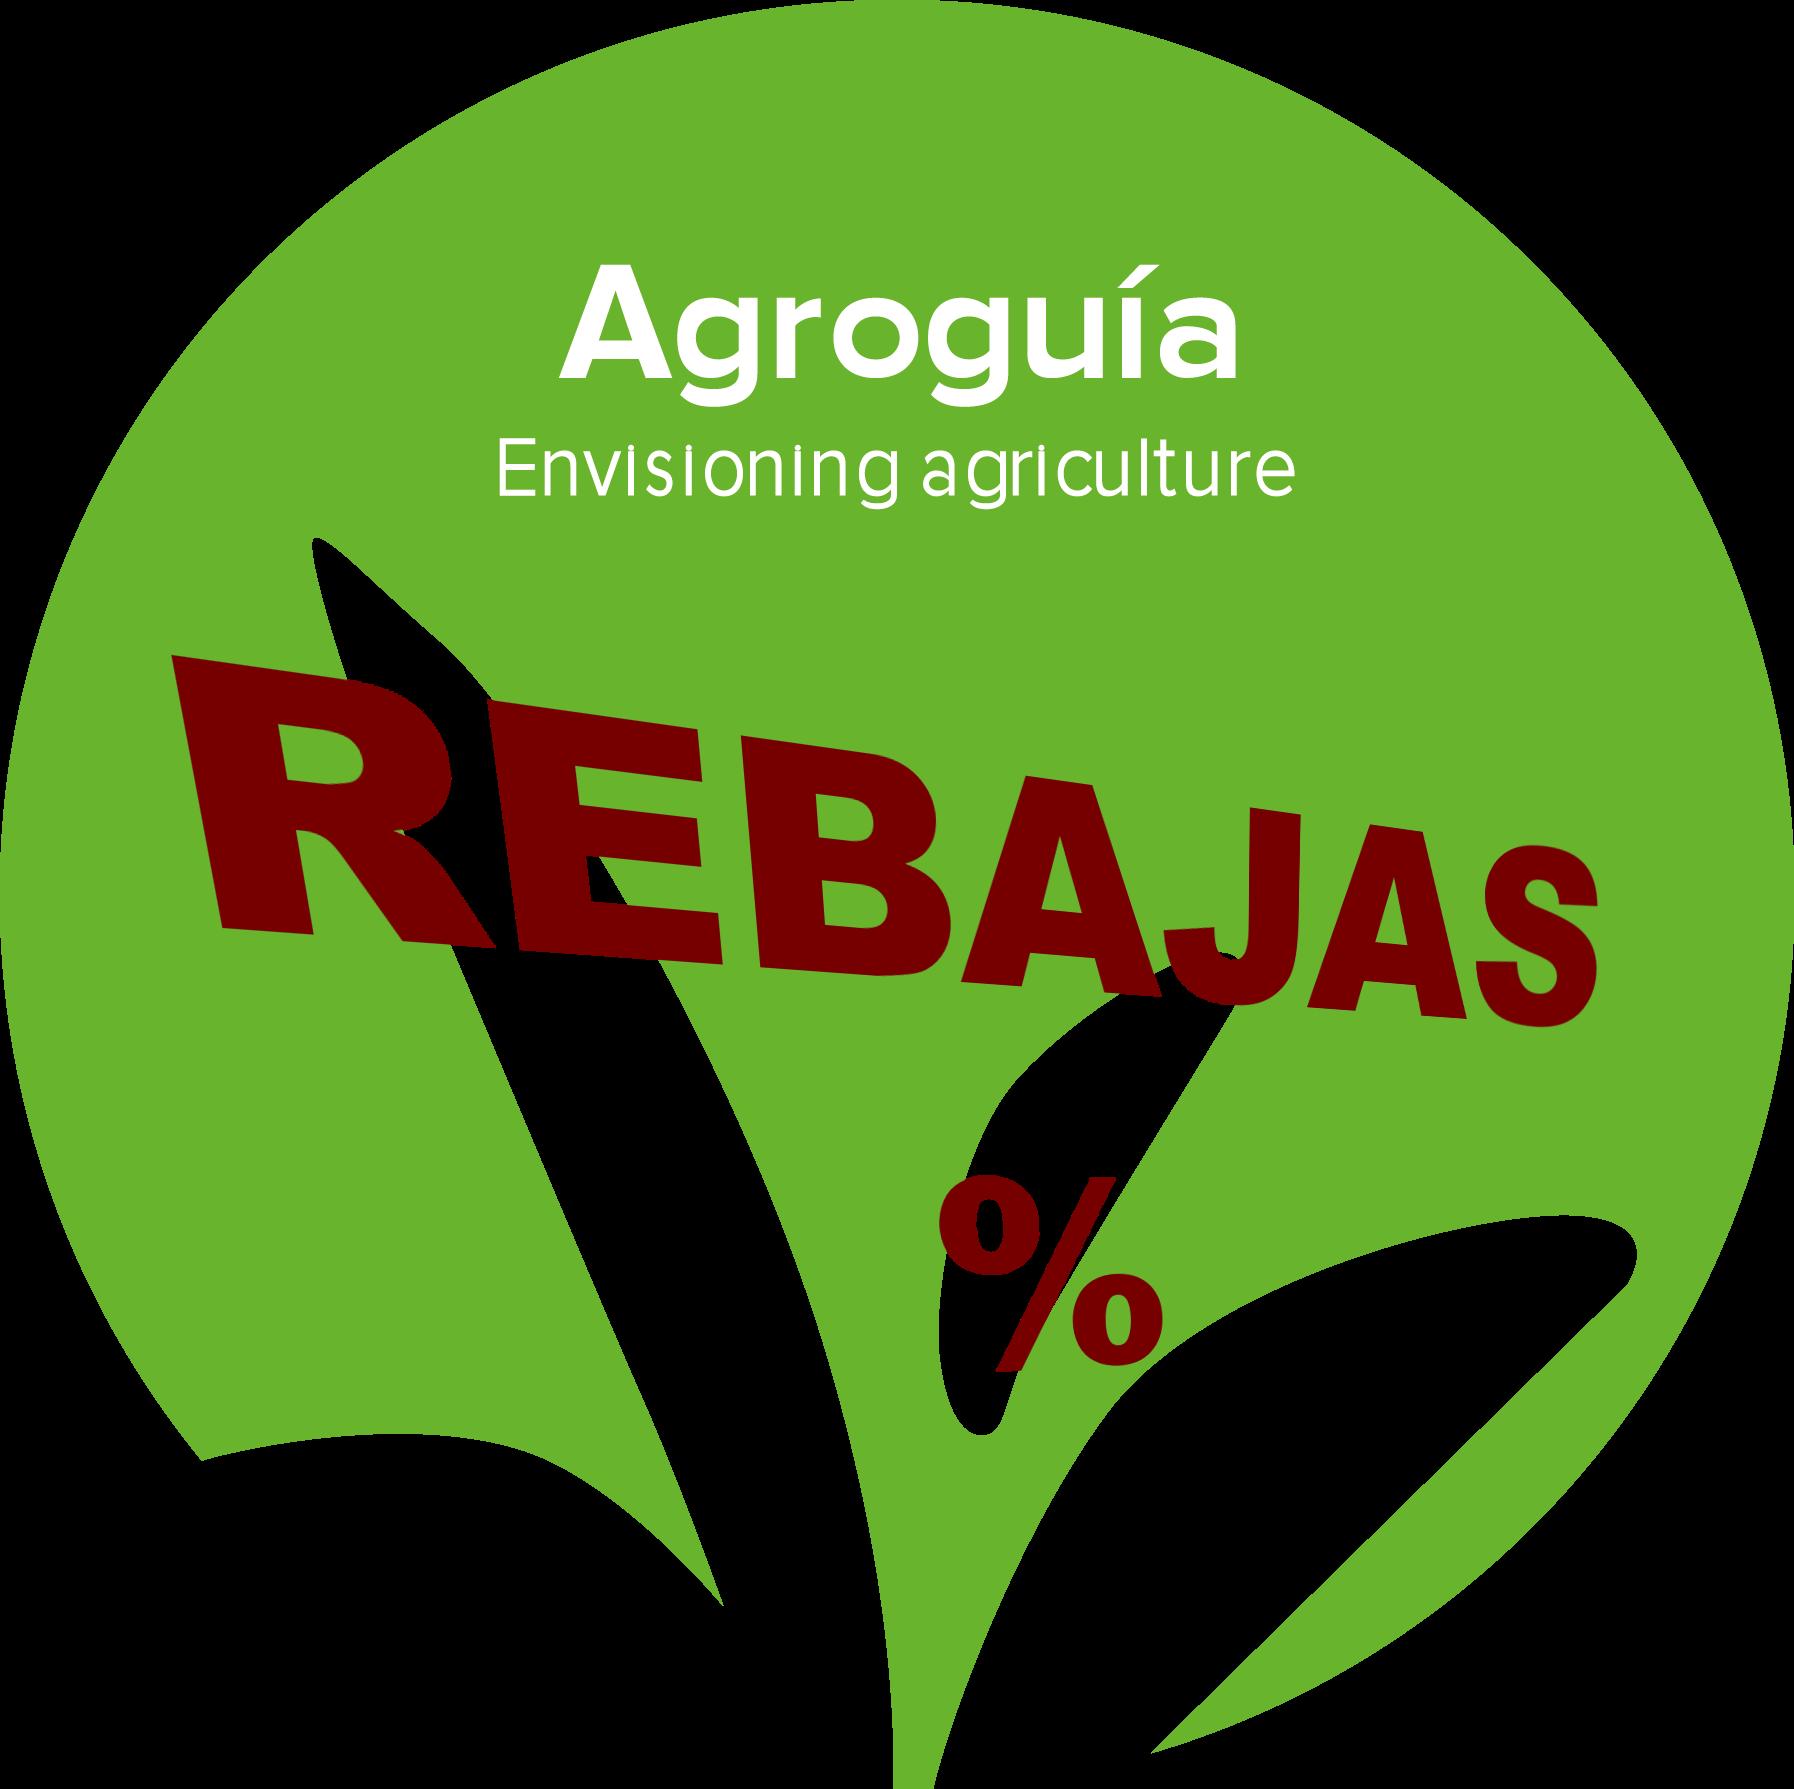 logo_round_es_color_rebajas2